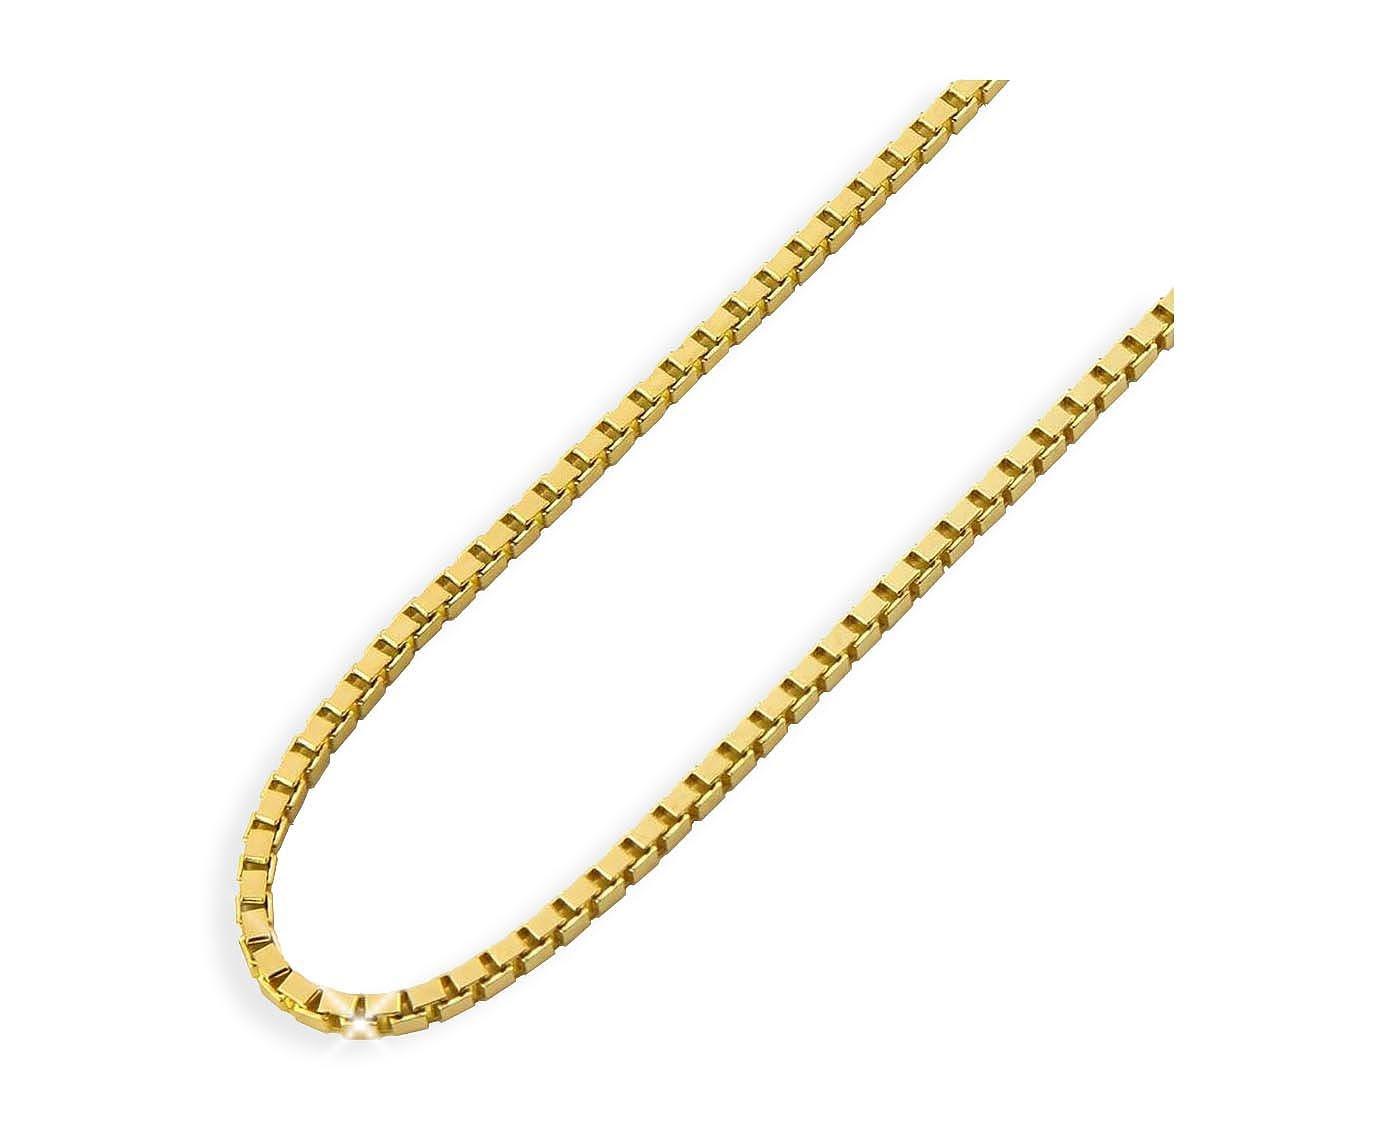 Gelbgold Venezianerkette 14 Karat 585 14K Kinderkette Taufkette 36cm mittel (010)